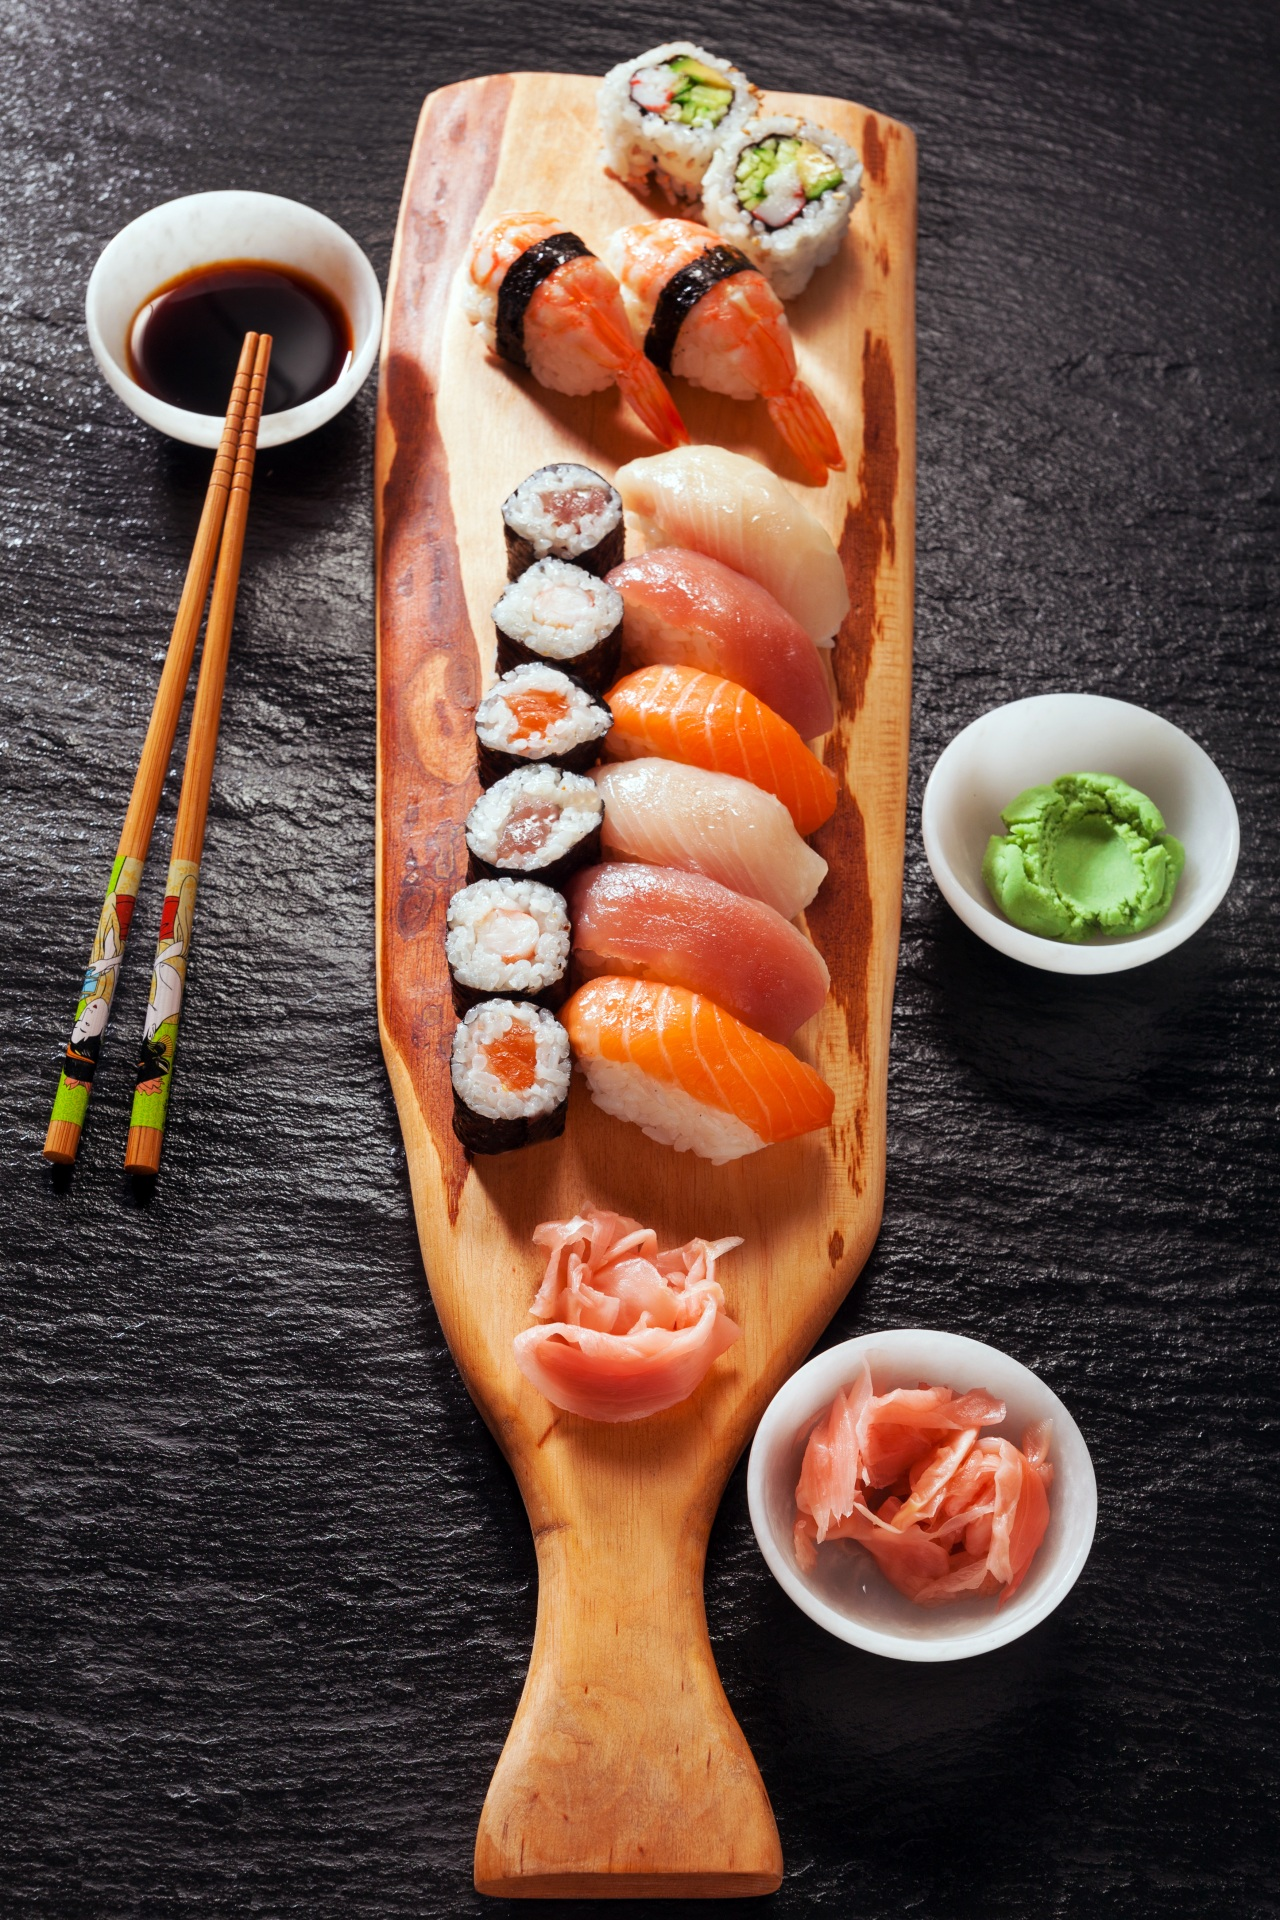 Oishii Sushi